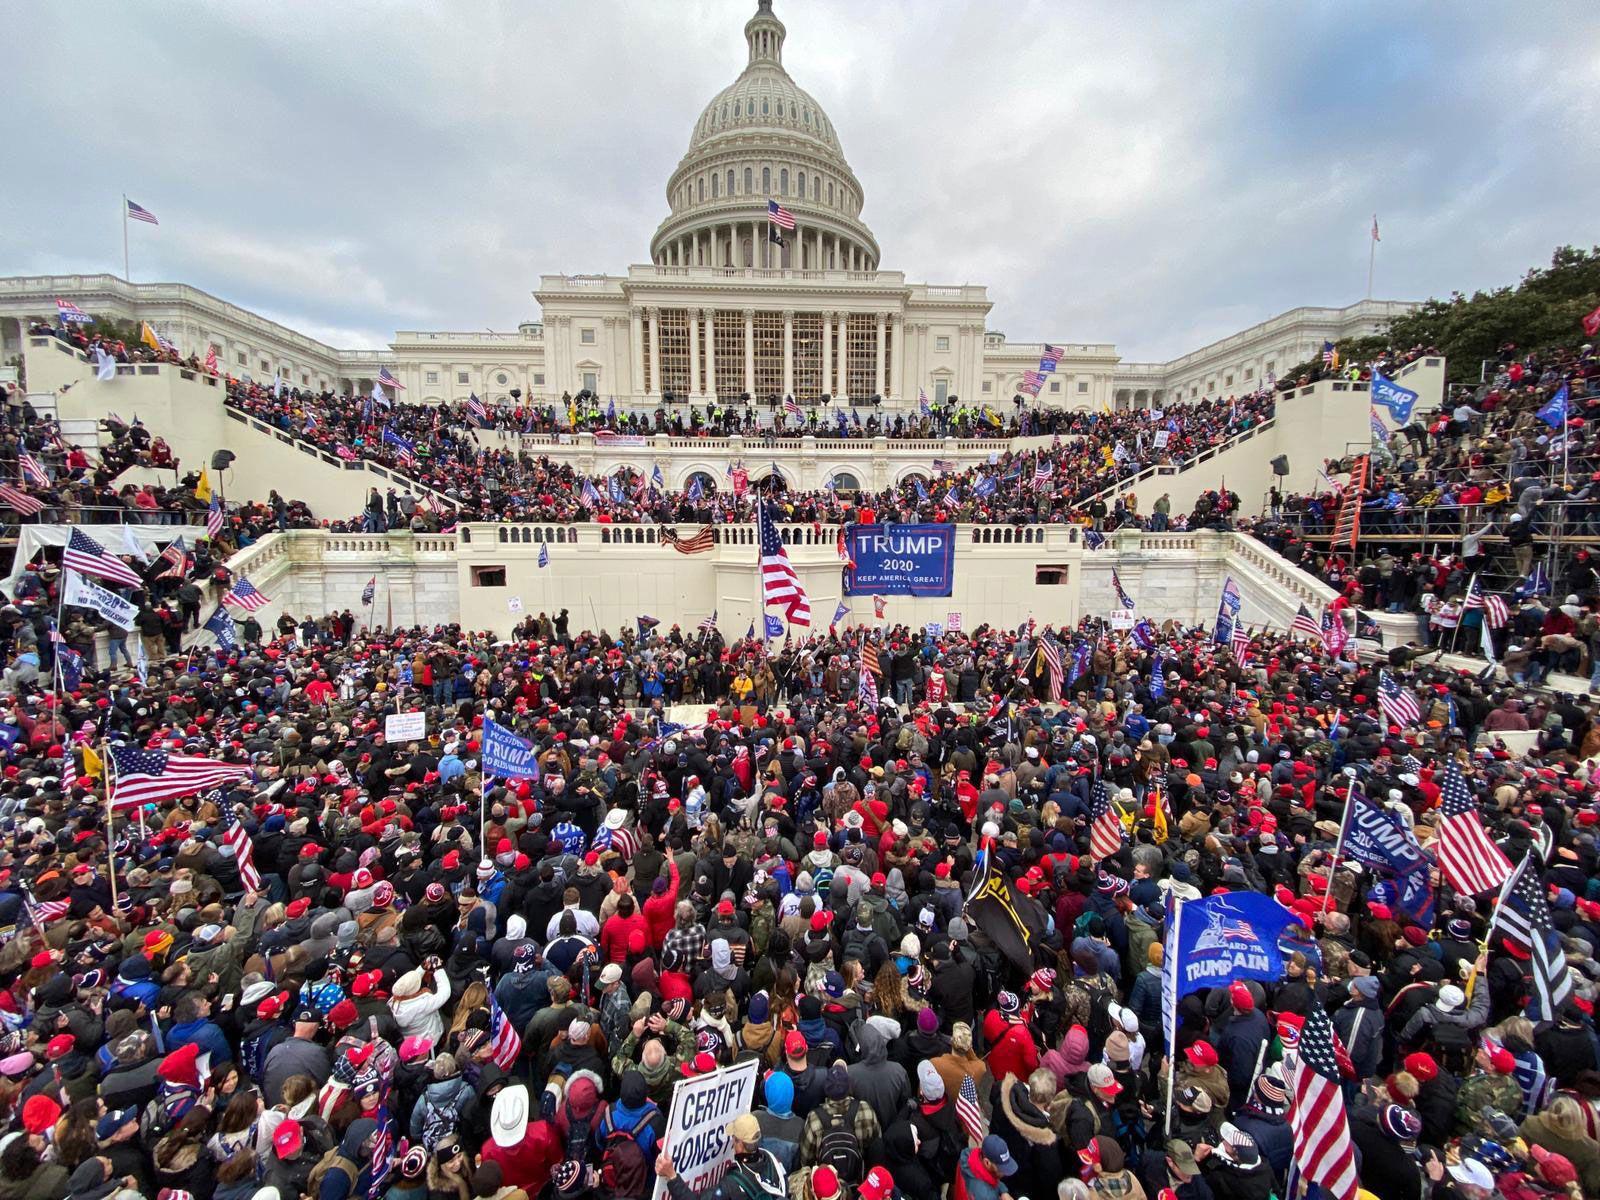 """(Chùm ảnh) Toàn cảnh người biểu tình """"chiếm cứ"""" tòa nhà Quốc hội trong một ngày hoảng loạn cho nước Mỹ - Ảnh 1."""